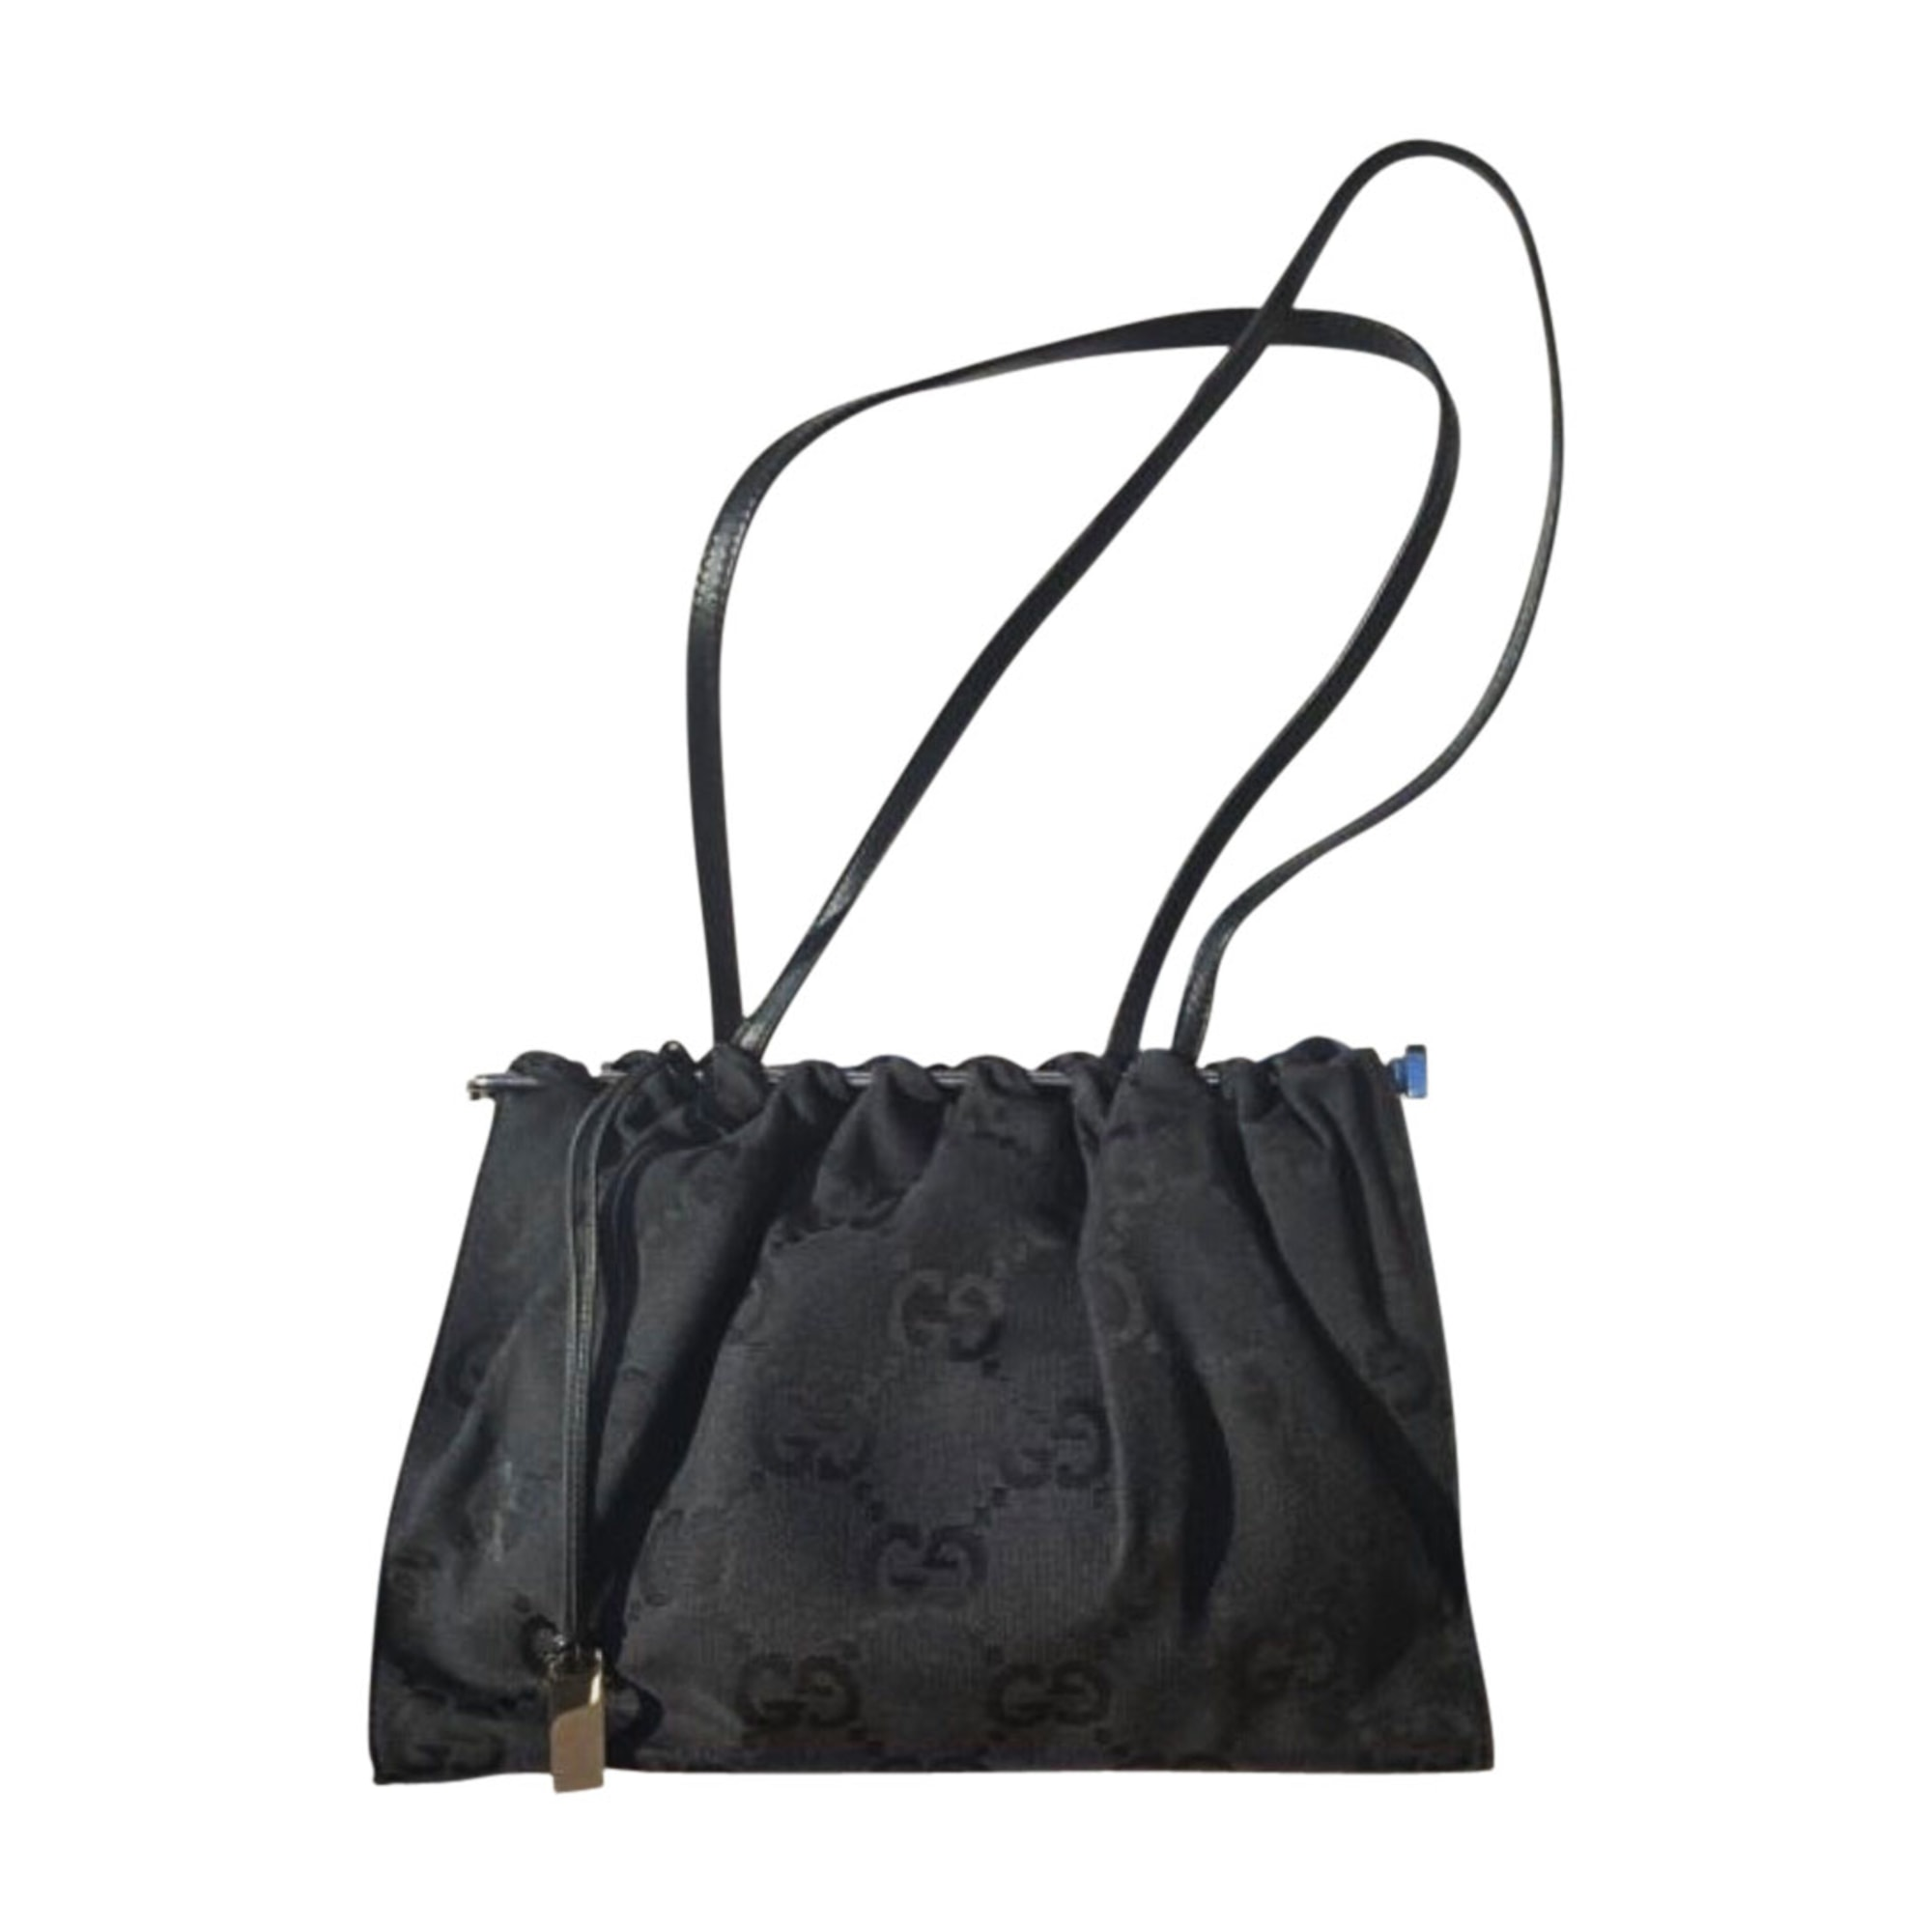 Non-Leather Handbag GUCCI Black